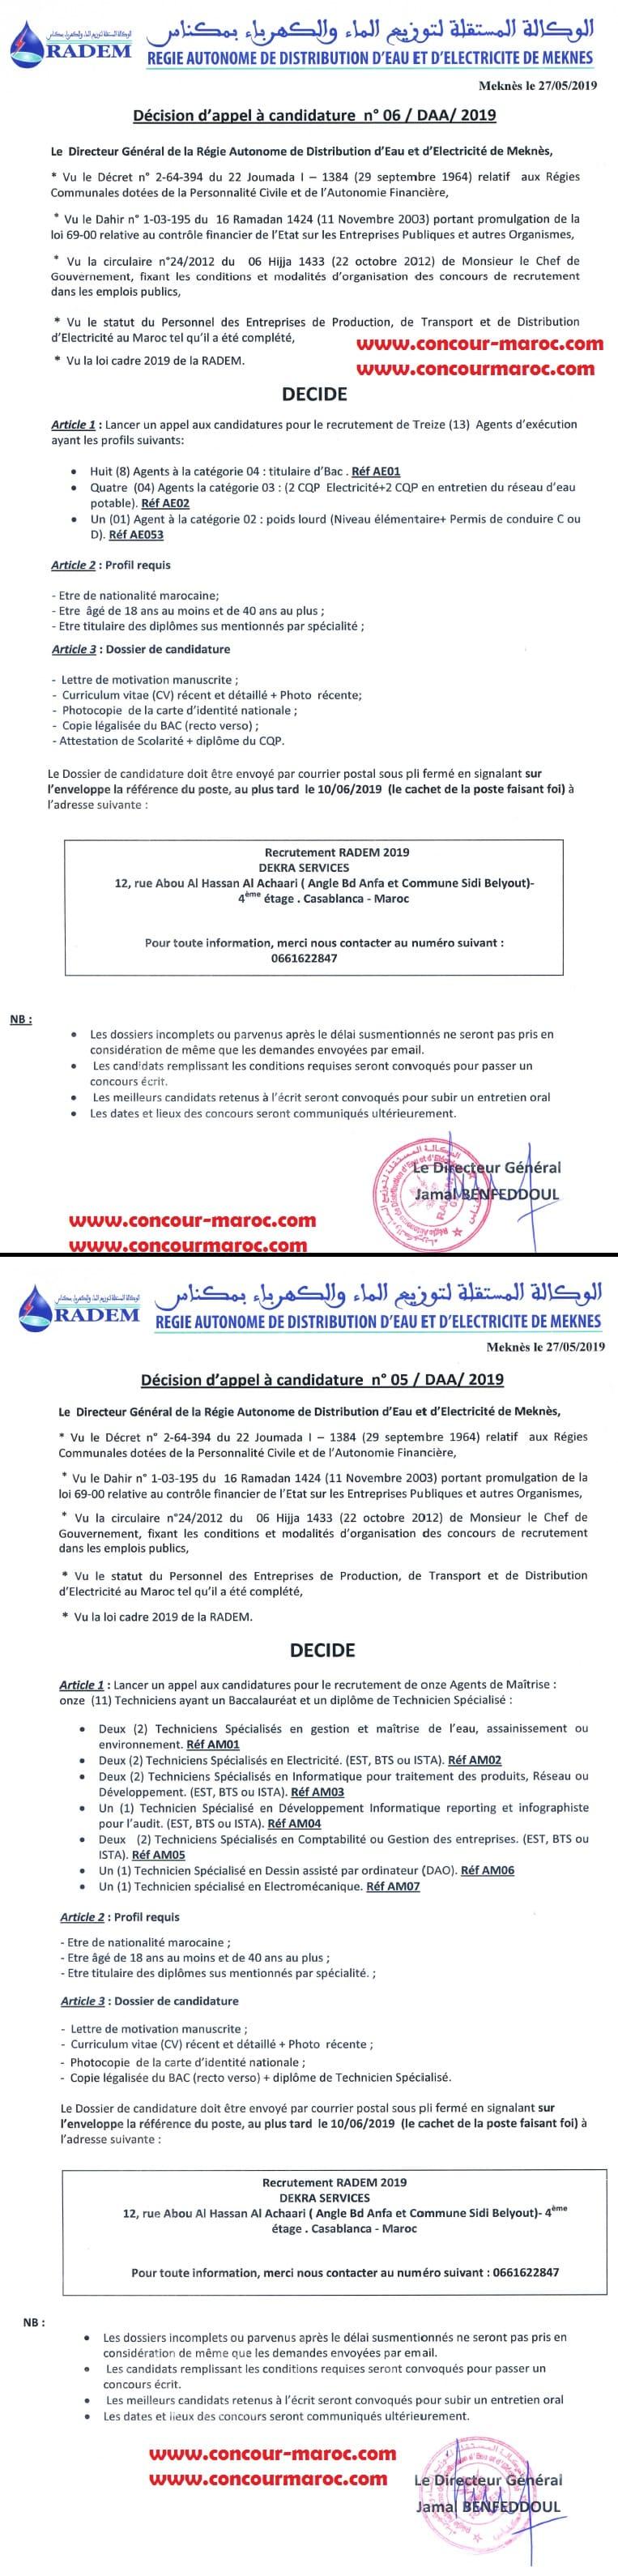 الوكالة المستقلة لتوزيع الماء والكهرباء بمكناس مباراة لتوظيف 28 منصب للحاصلين على BAC و دبلوم CQP و رخصة السياقة C و تقني متخصص و BAC+5 قبل 10 يونيو 2019  Radeem11